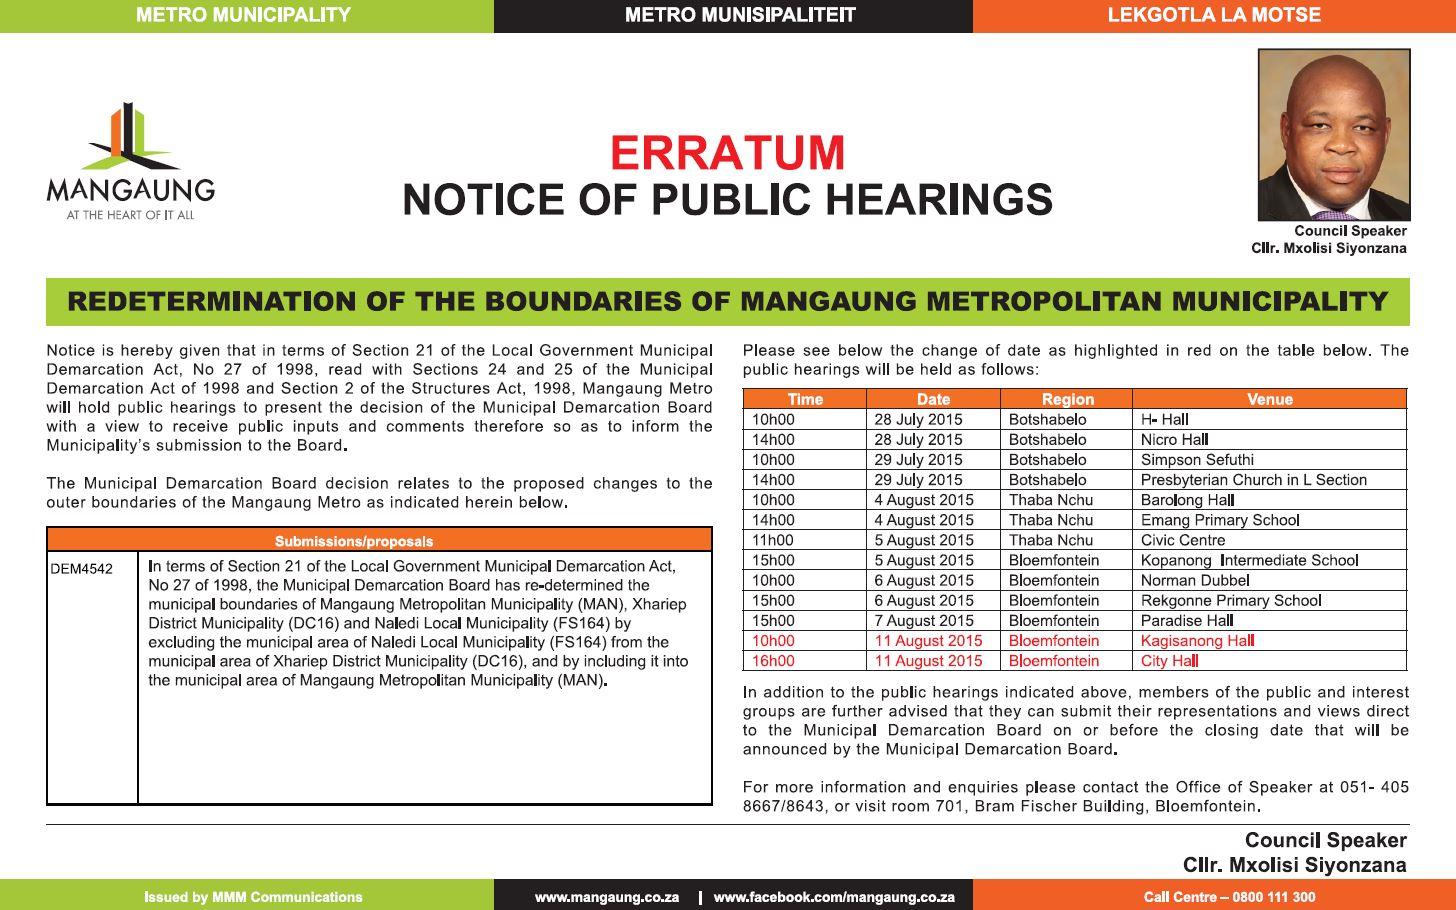 Erratum-Public-Hearings-20-July-2015